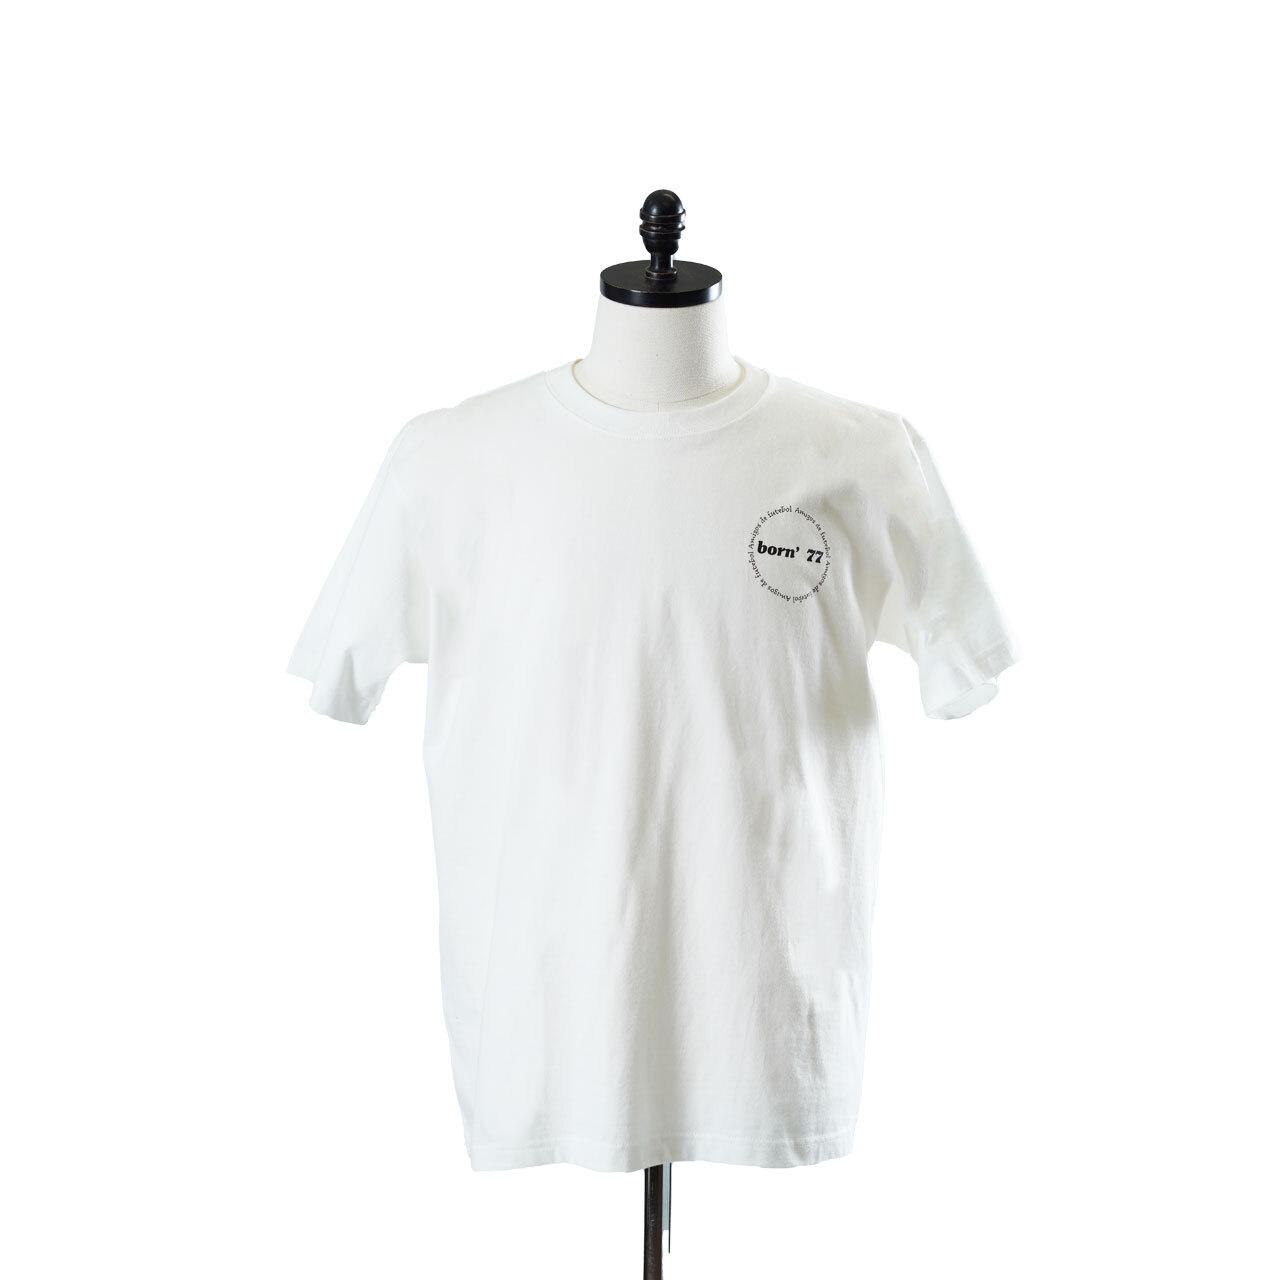 ナンバーTシャツ【10】(BOR0001)